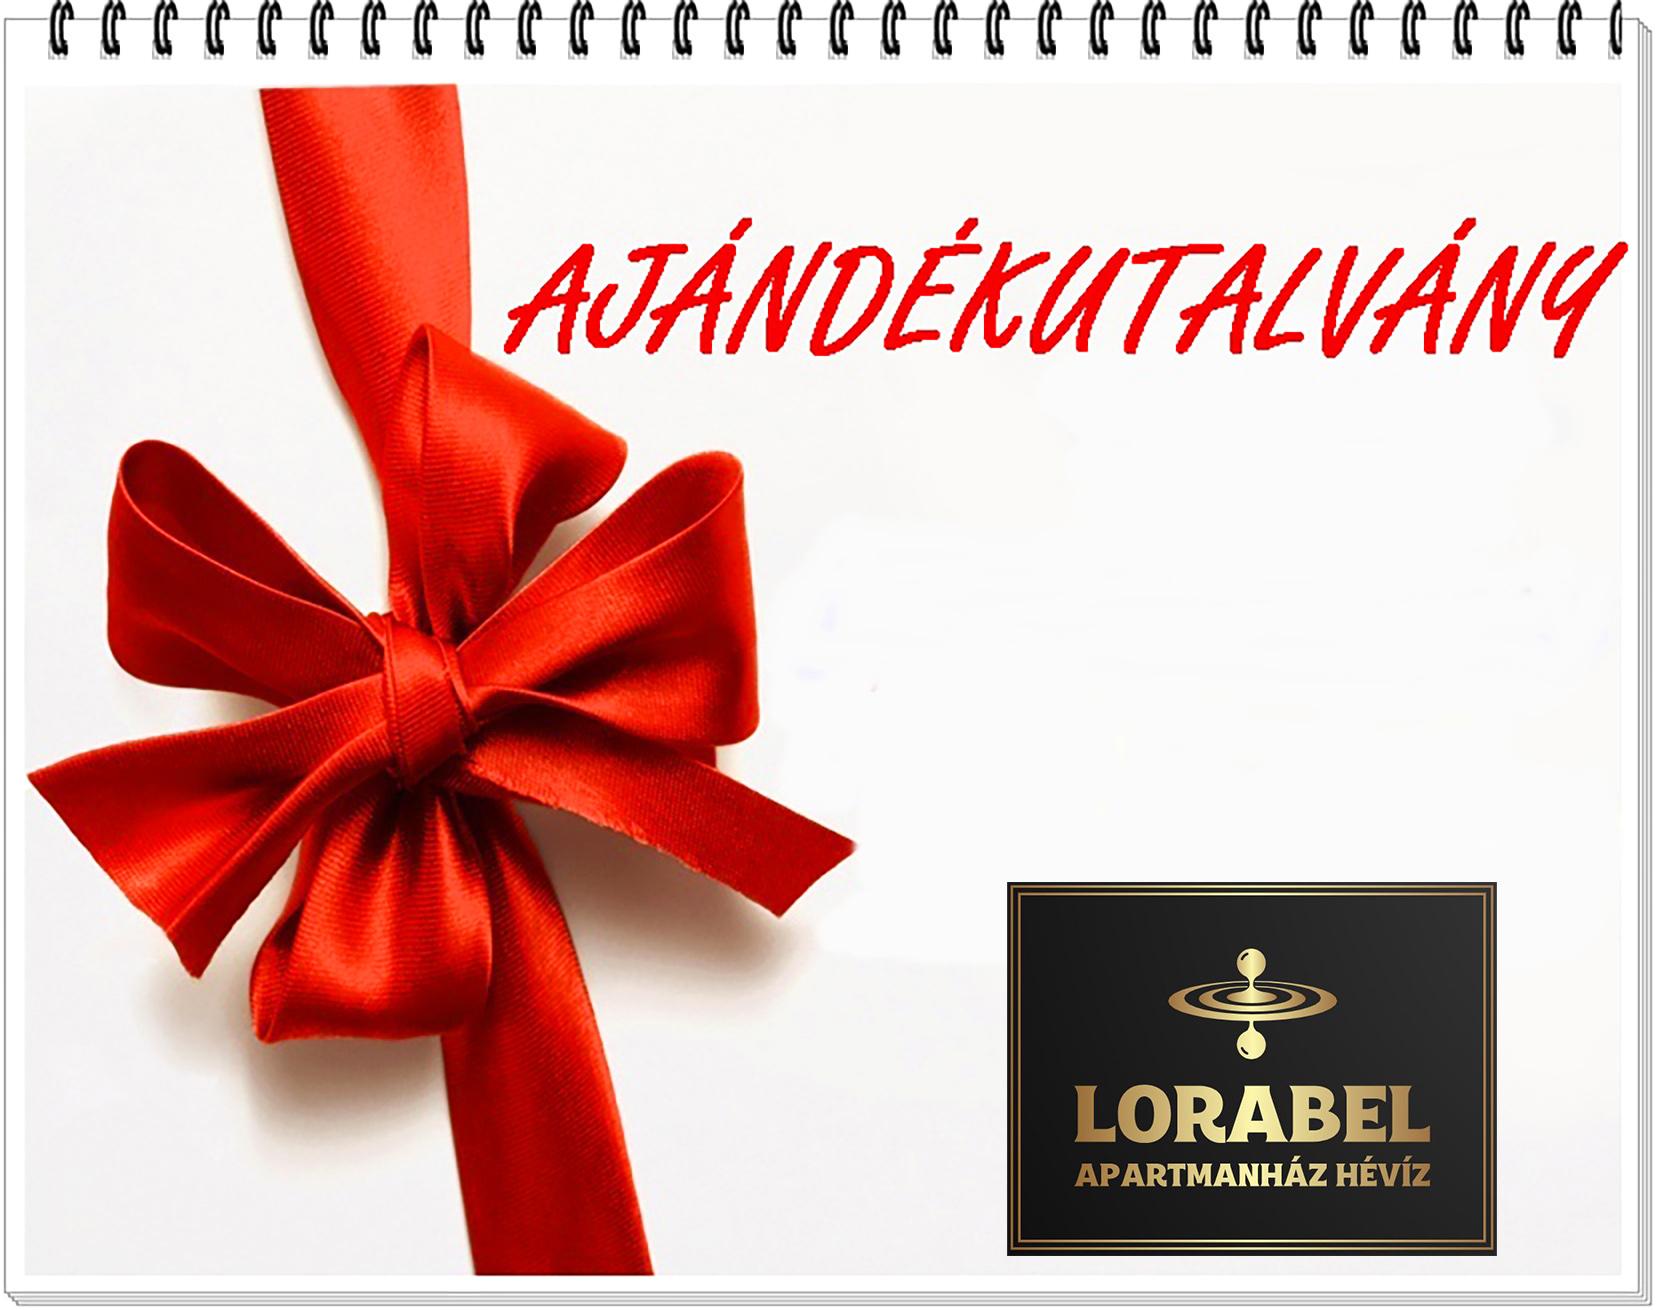 Lorabel Aparmanház Hévíz ajándékutalvány az Ön által kívánt értékben